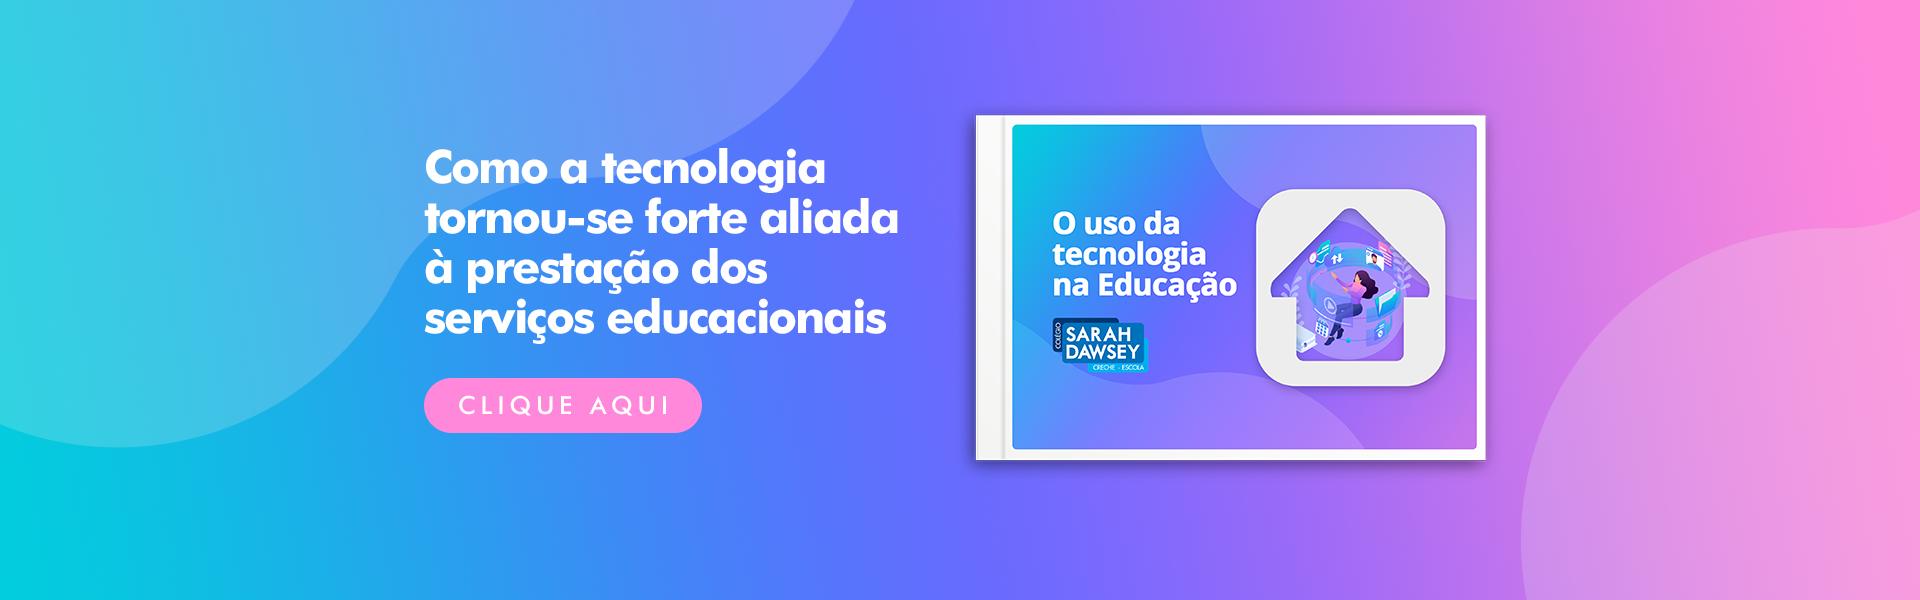 O uso da tecnologia na Educação